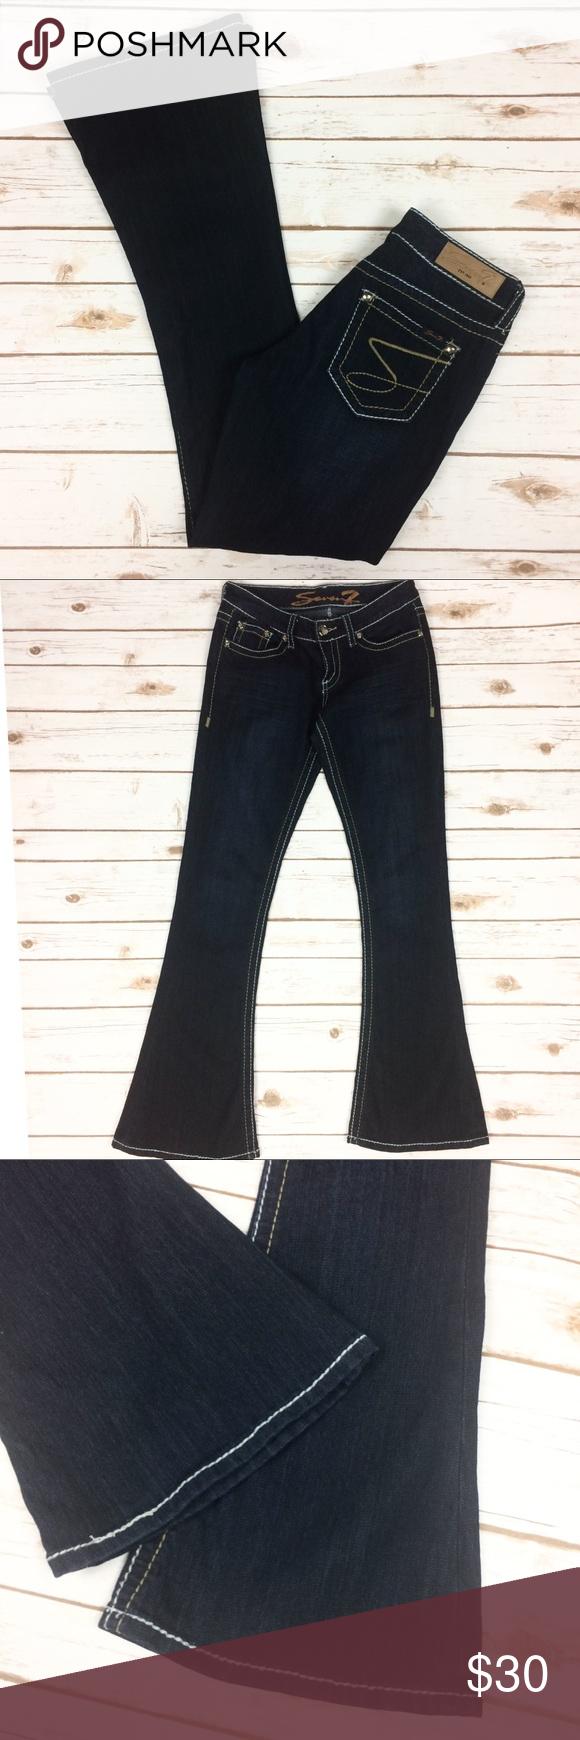 4a0c696738ace Seven7 Tulip dark wash flare jeans Seven7 Tulip dark wash flare jeans